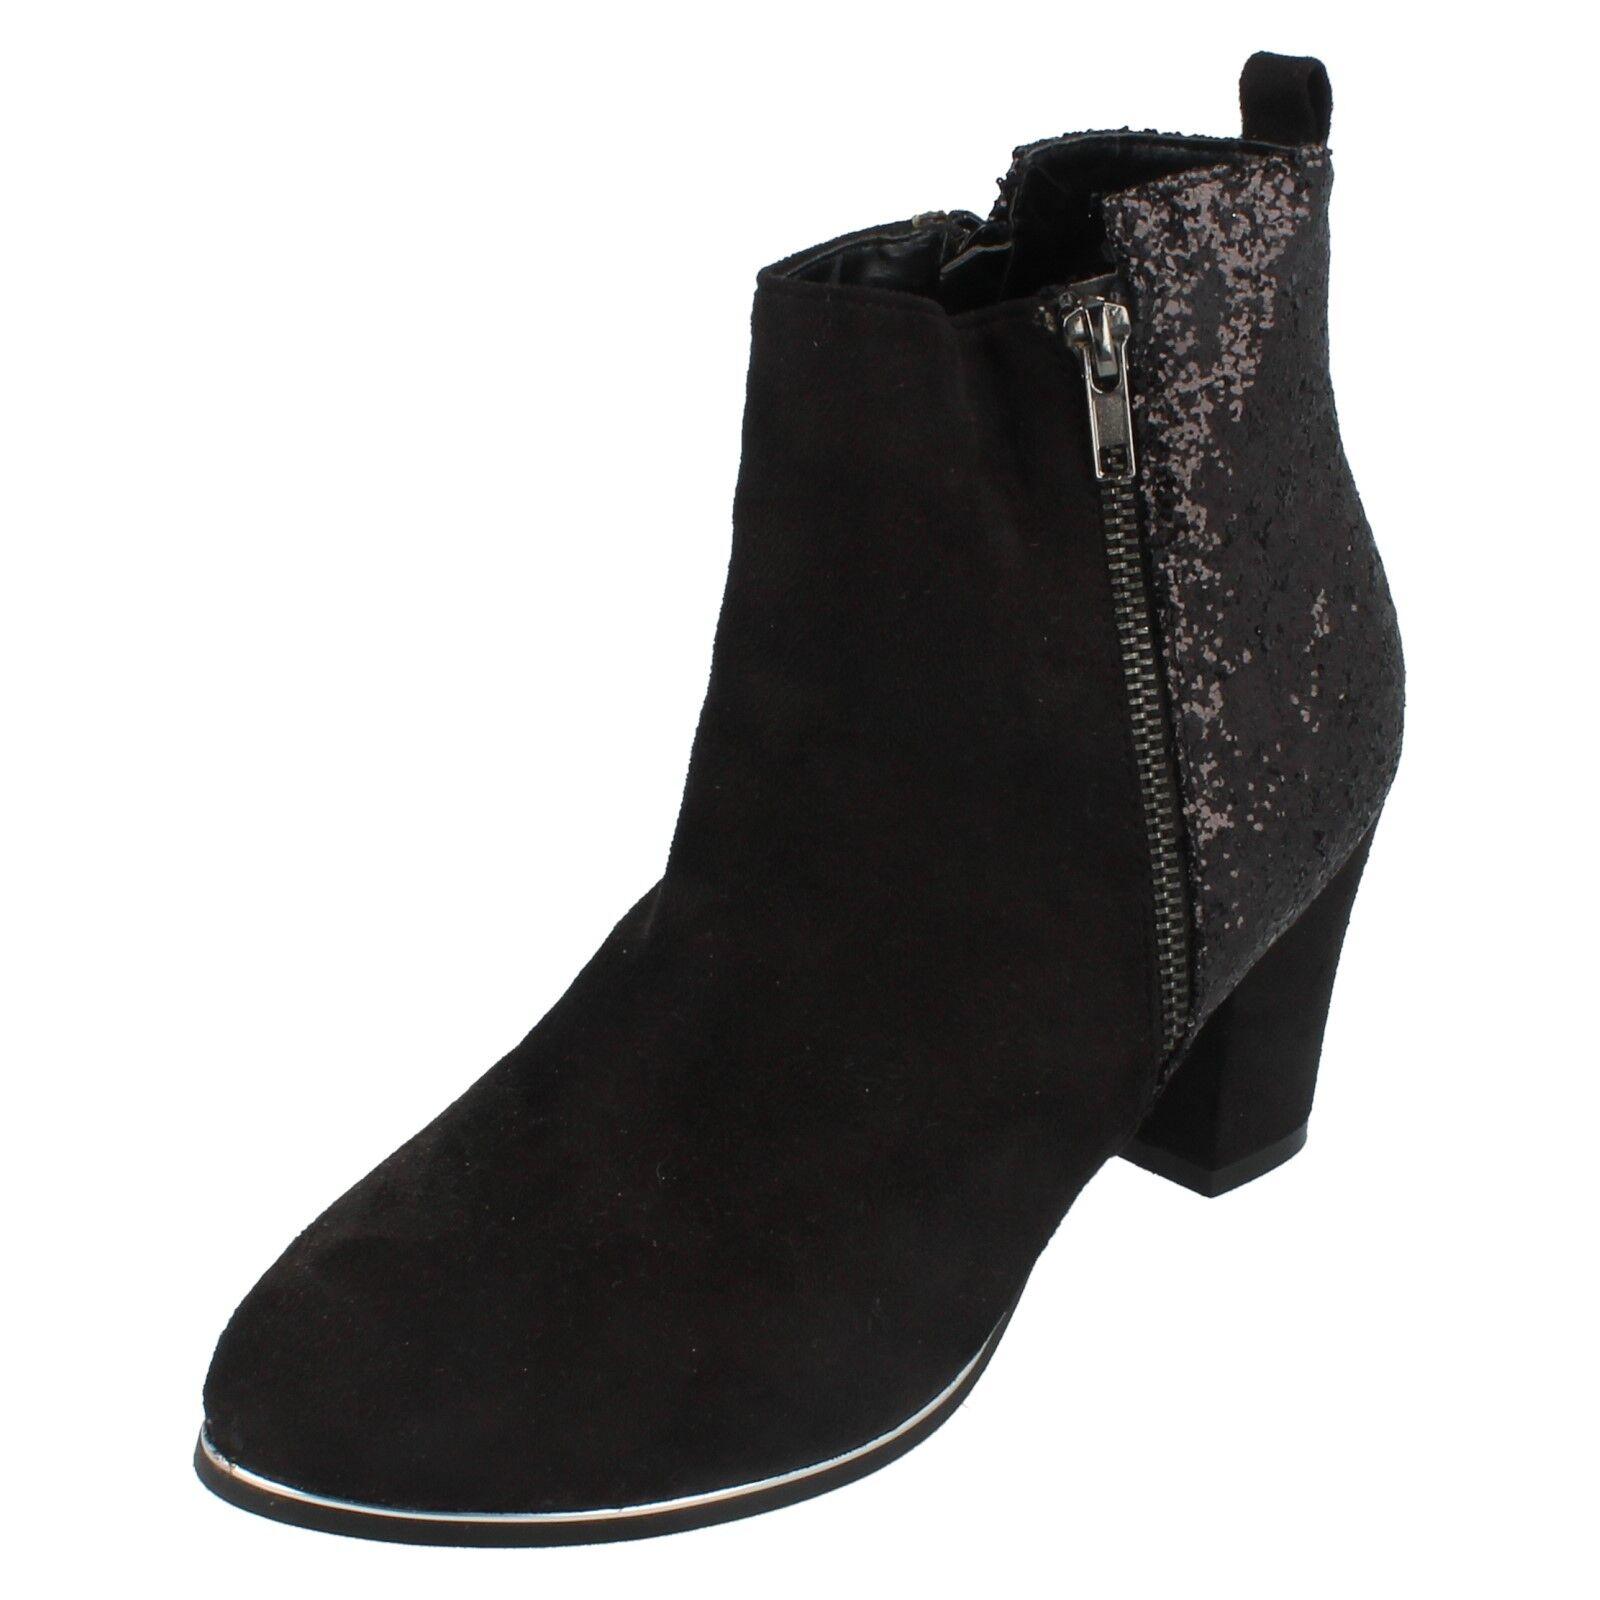 Mesdames f50465 Noir Bottine par spot on retail